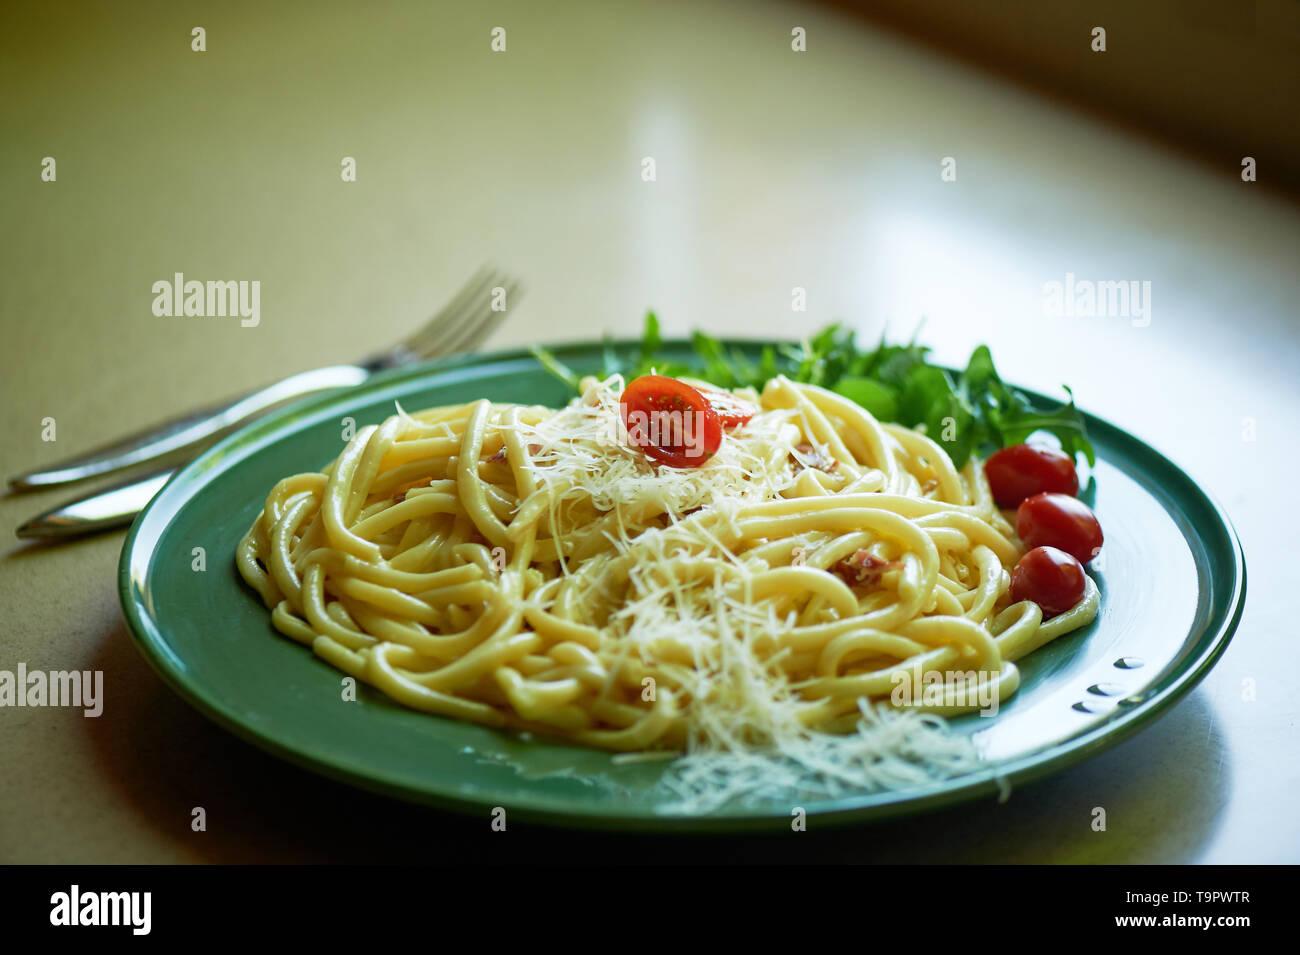 Pasta Carbonara mit geriebenem Parmesan und Cherry Tomaten, dekoriert mit Rucola. italienischen Mittagessen. Stockbild